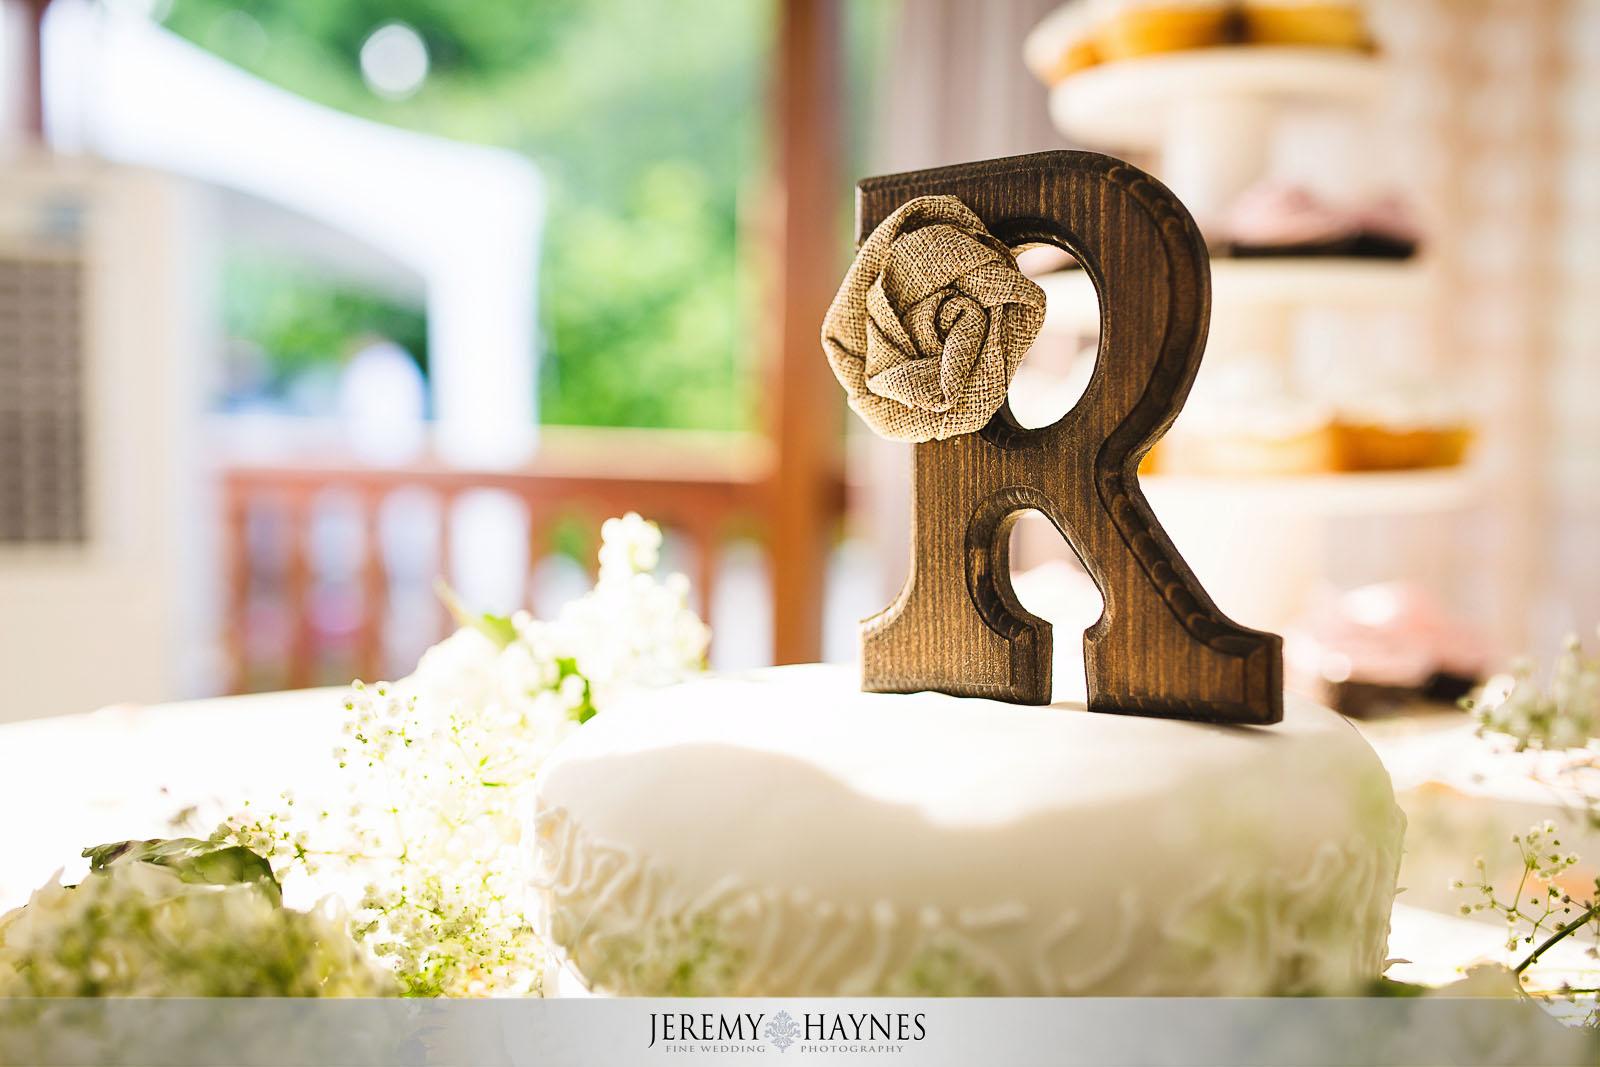 unique-wedding-cake-ideas